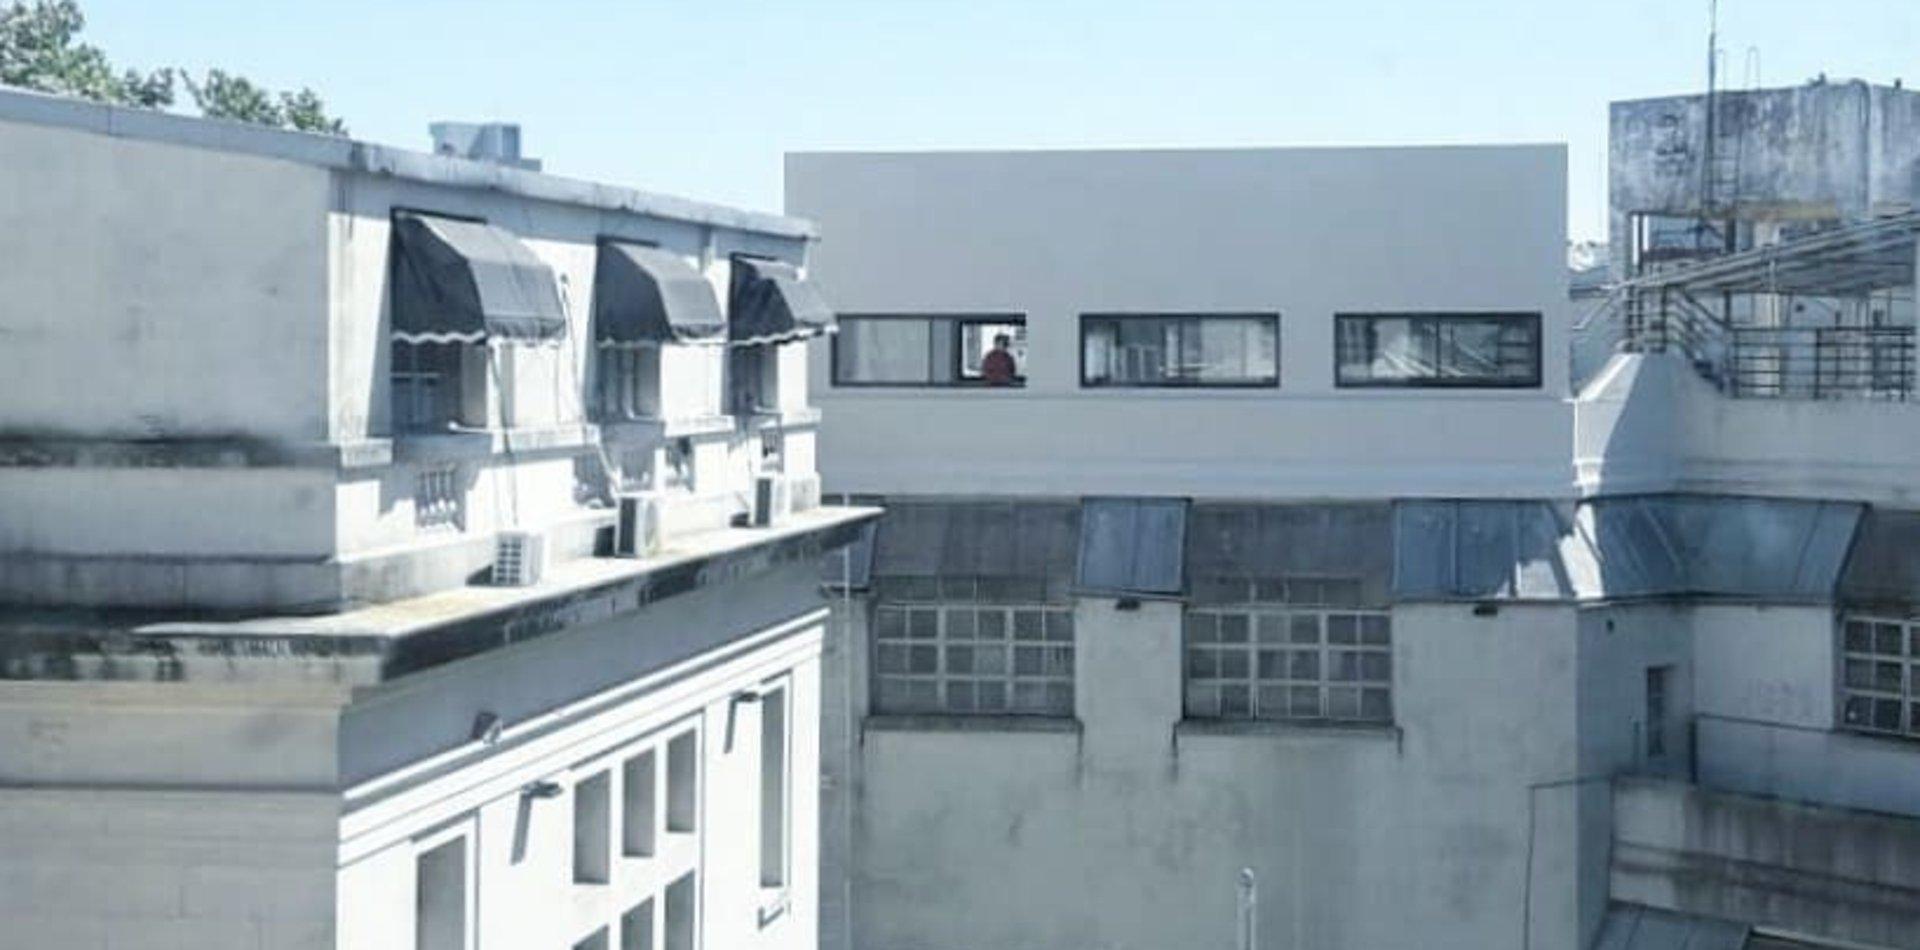 Polémica en la Facultad de Artes por una nueva aula construida en una histórica terraza